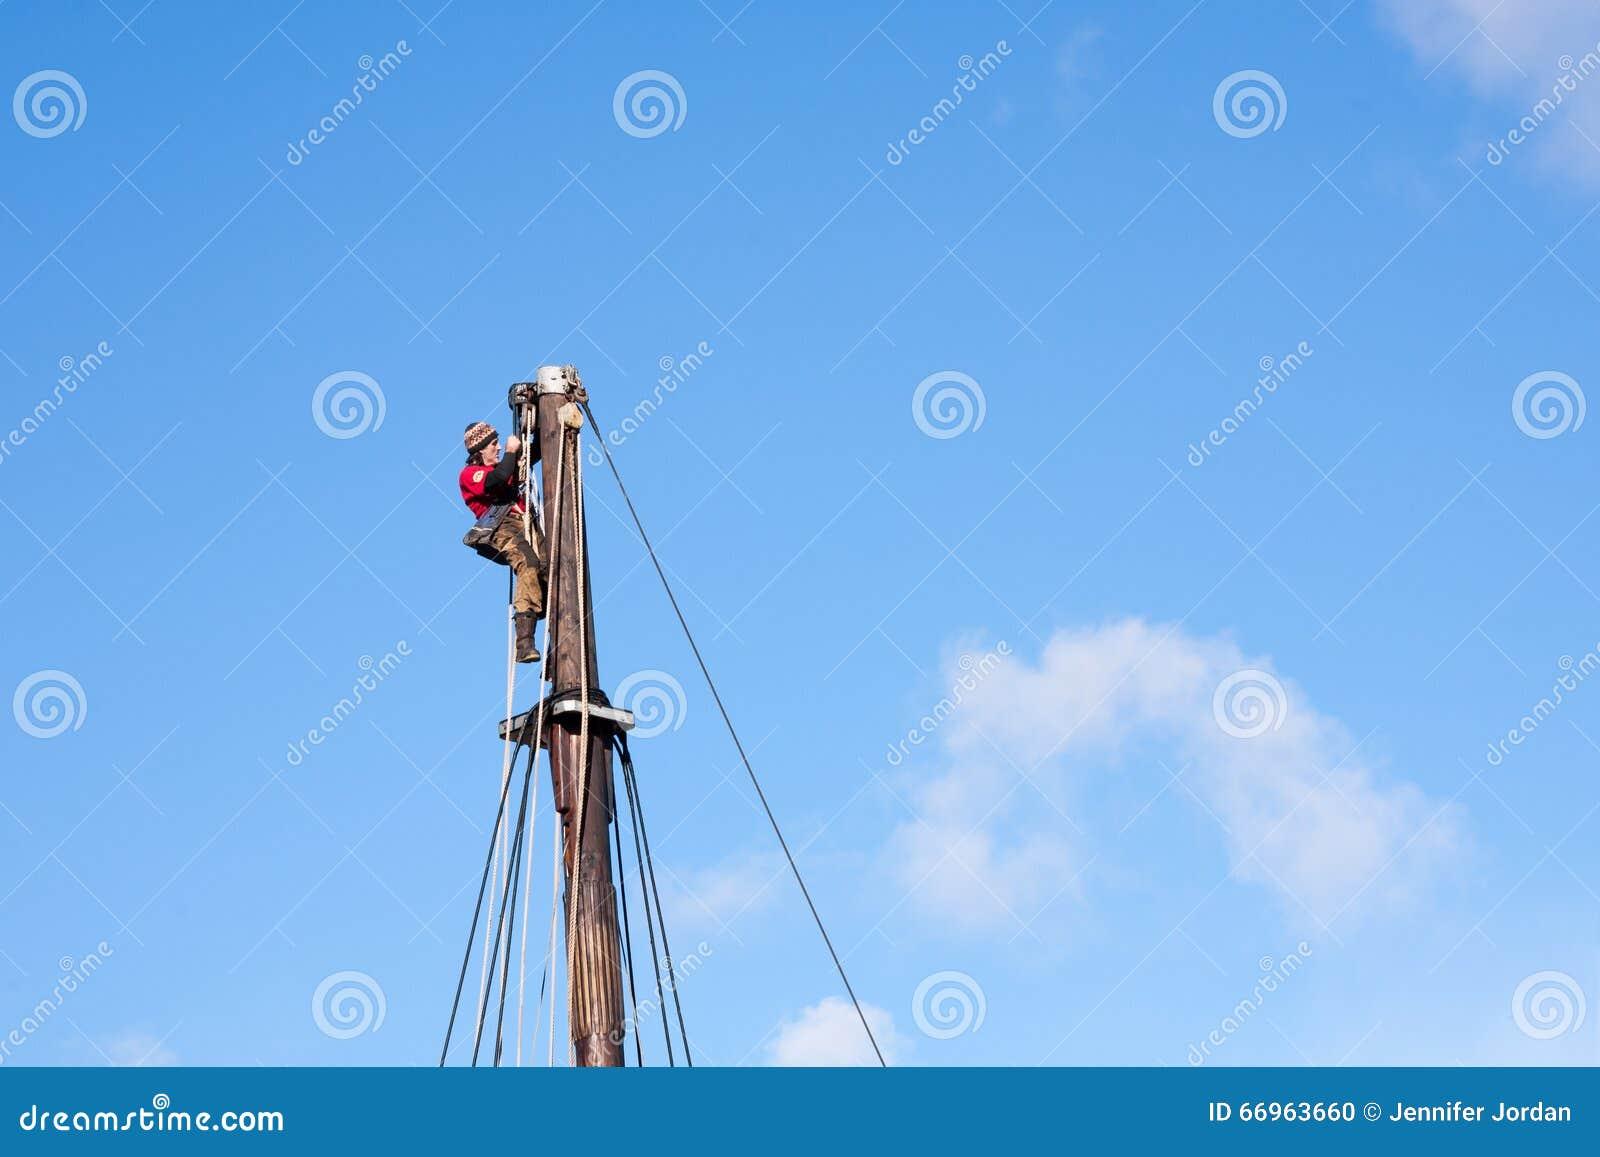 top job stock photos image  sailor seaman workman top mast rigging dangerous job horizontal stock photo